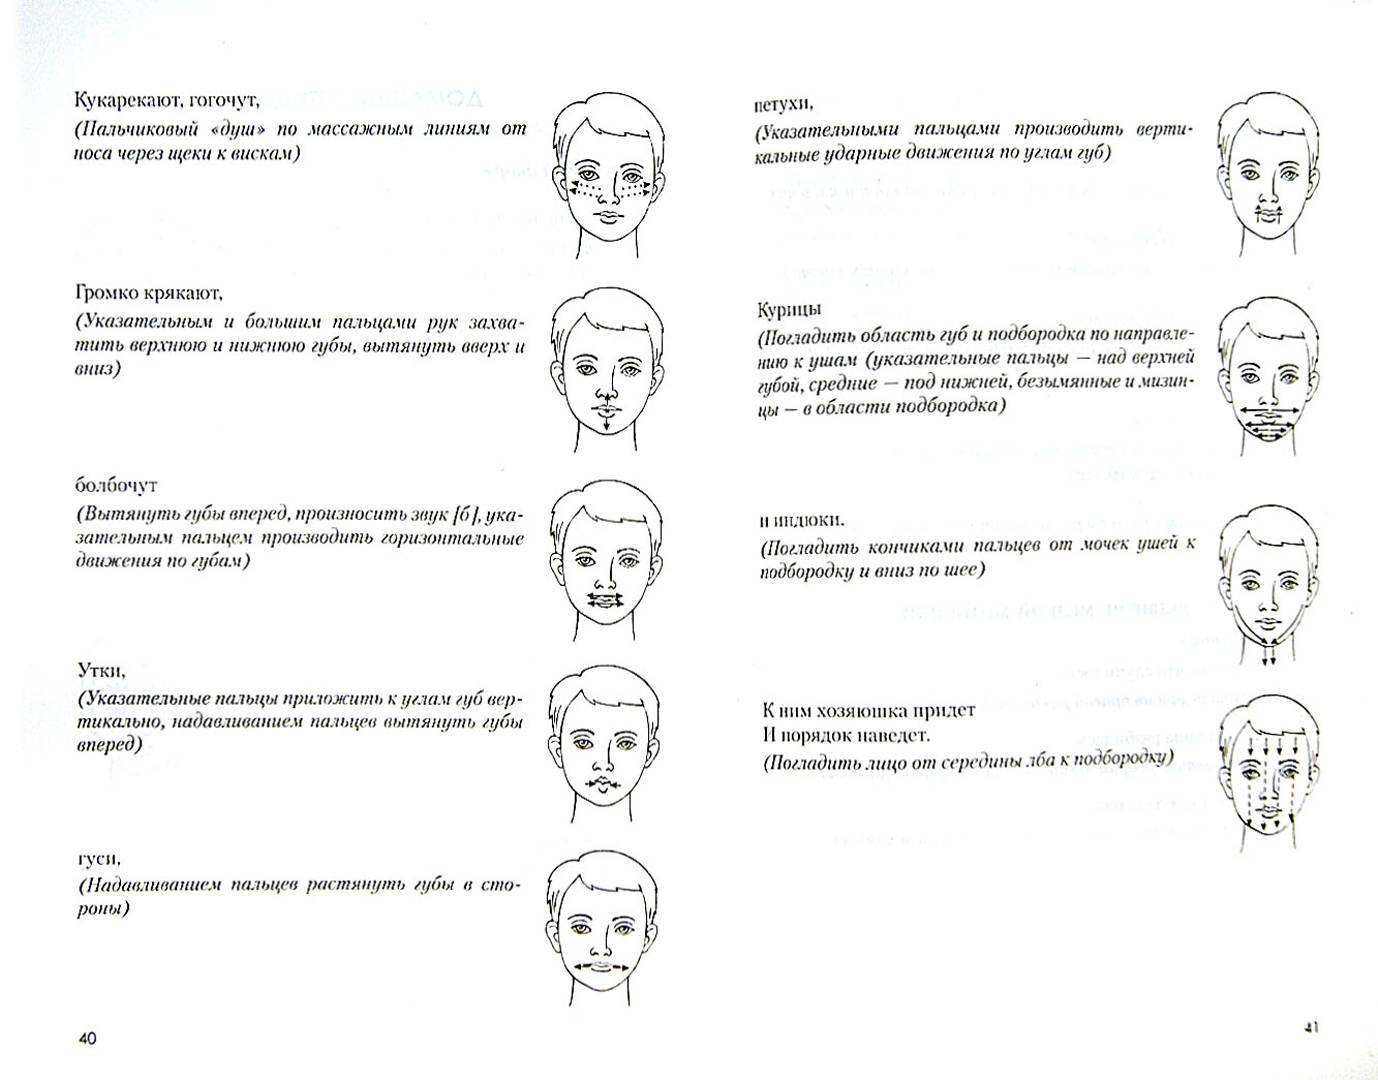 Как делать логопедический массаж для детей в домашних условиях: детская процедура для лица и языка для развития речи зубной щеткой, описание с видео от комаровского